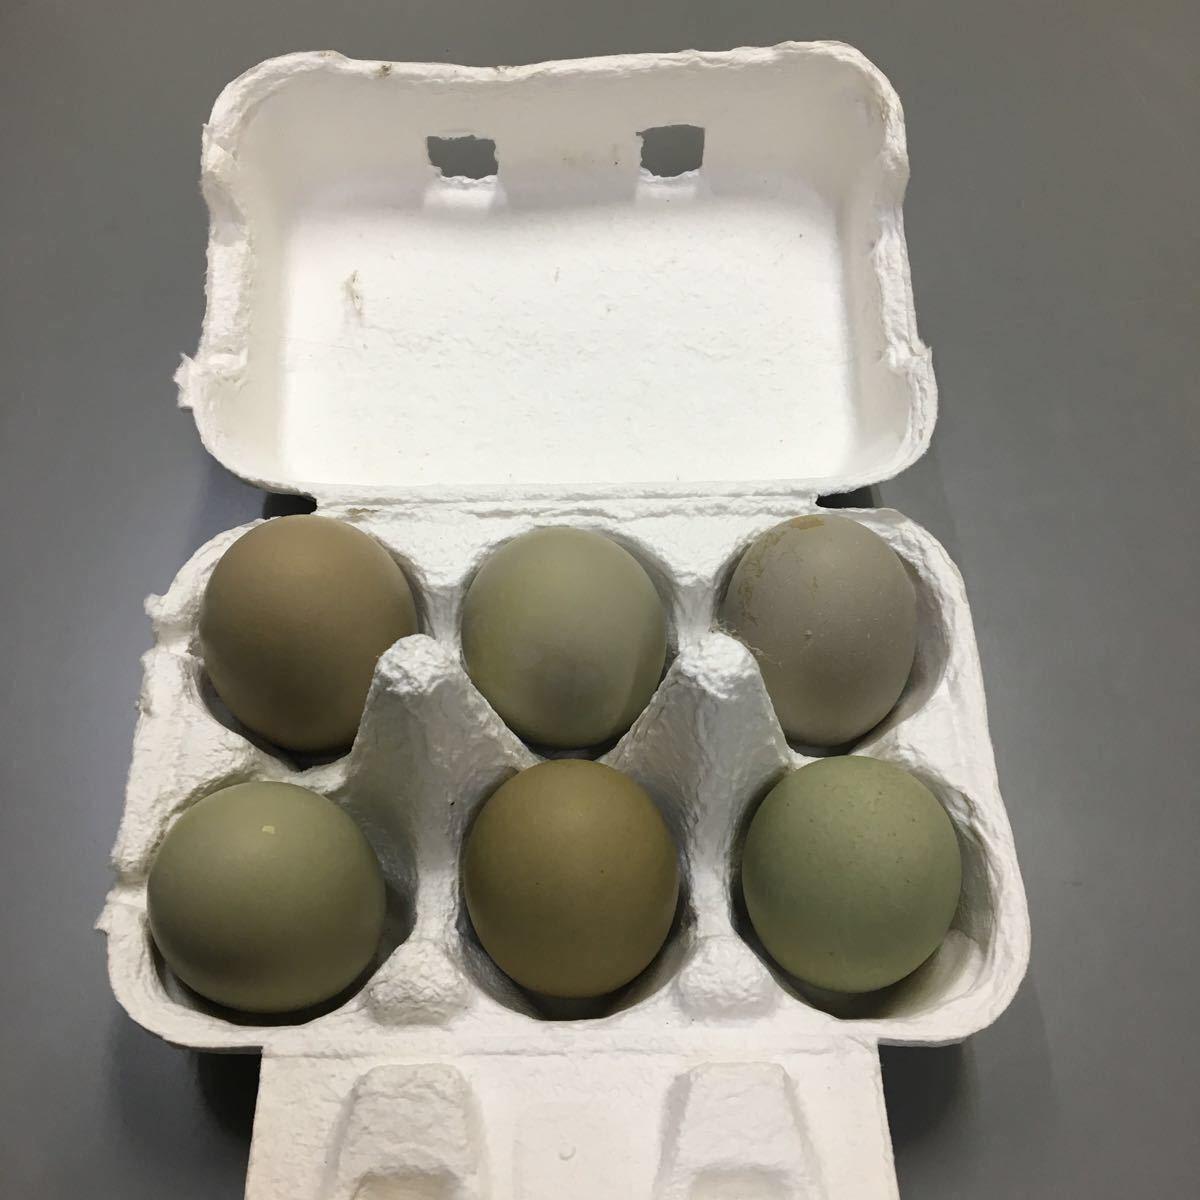 翡翠鳥 烏骨鶏 アローカナ卵 5個プラス1個